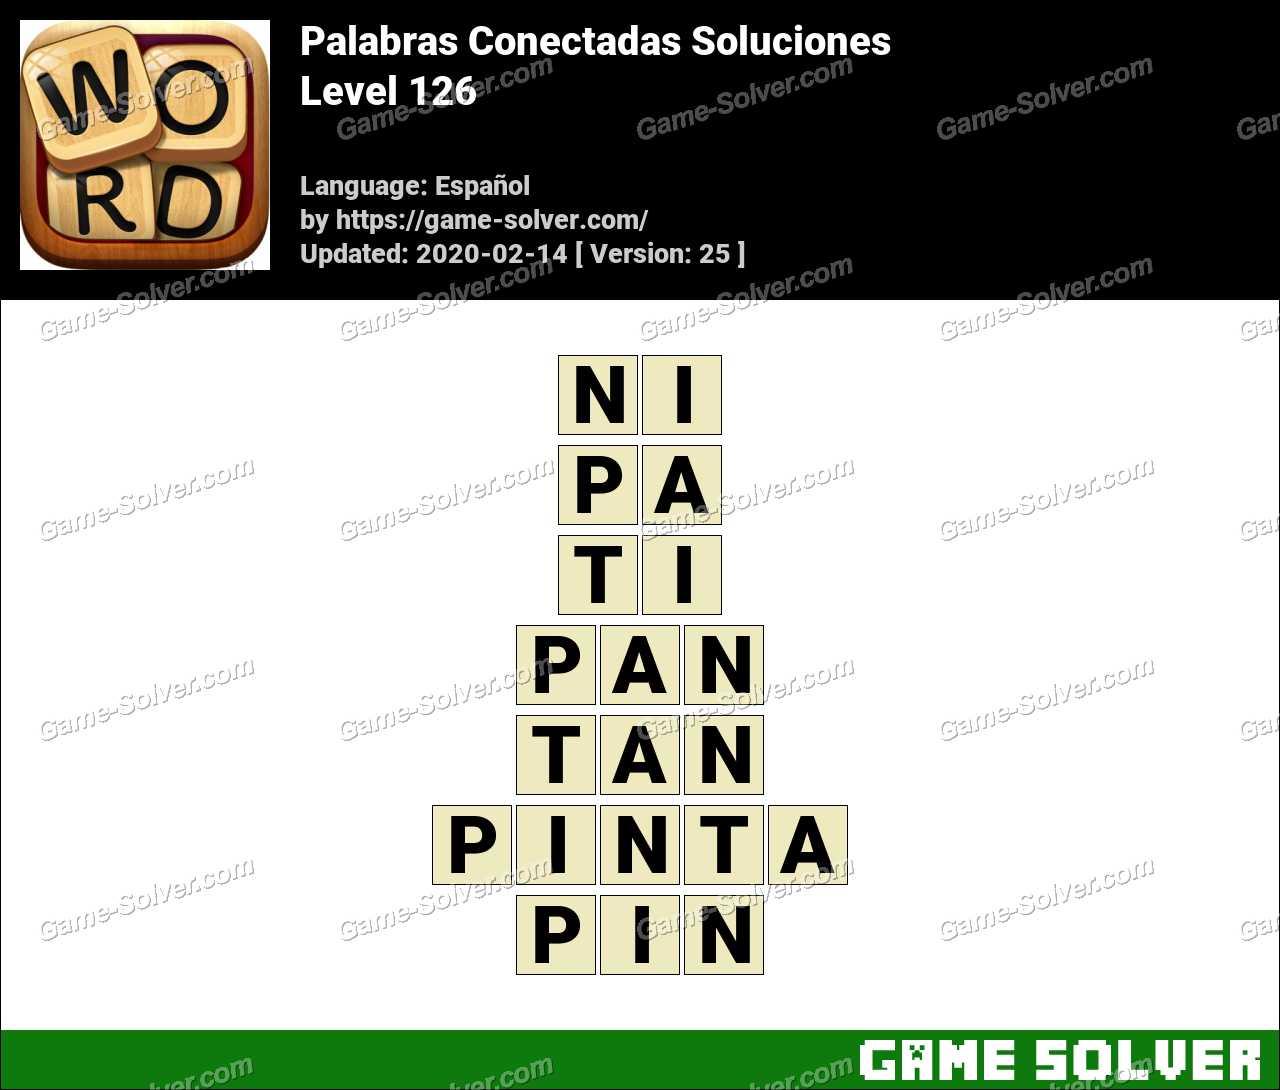 Palabras Conectadas Nivel 126 Soluciones